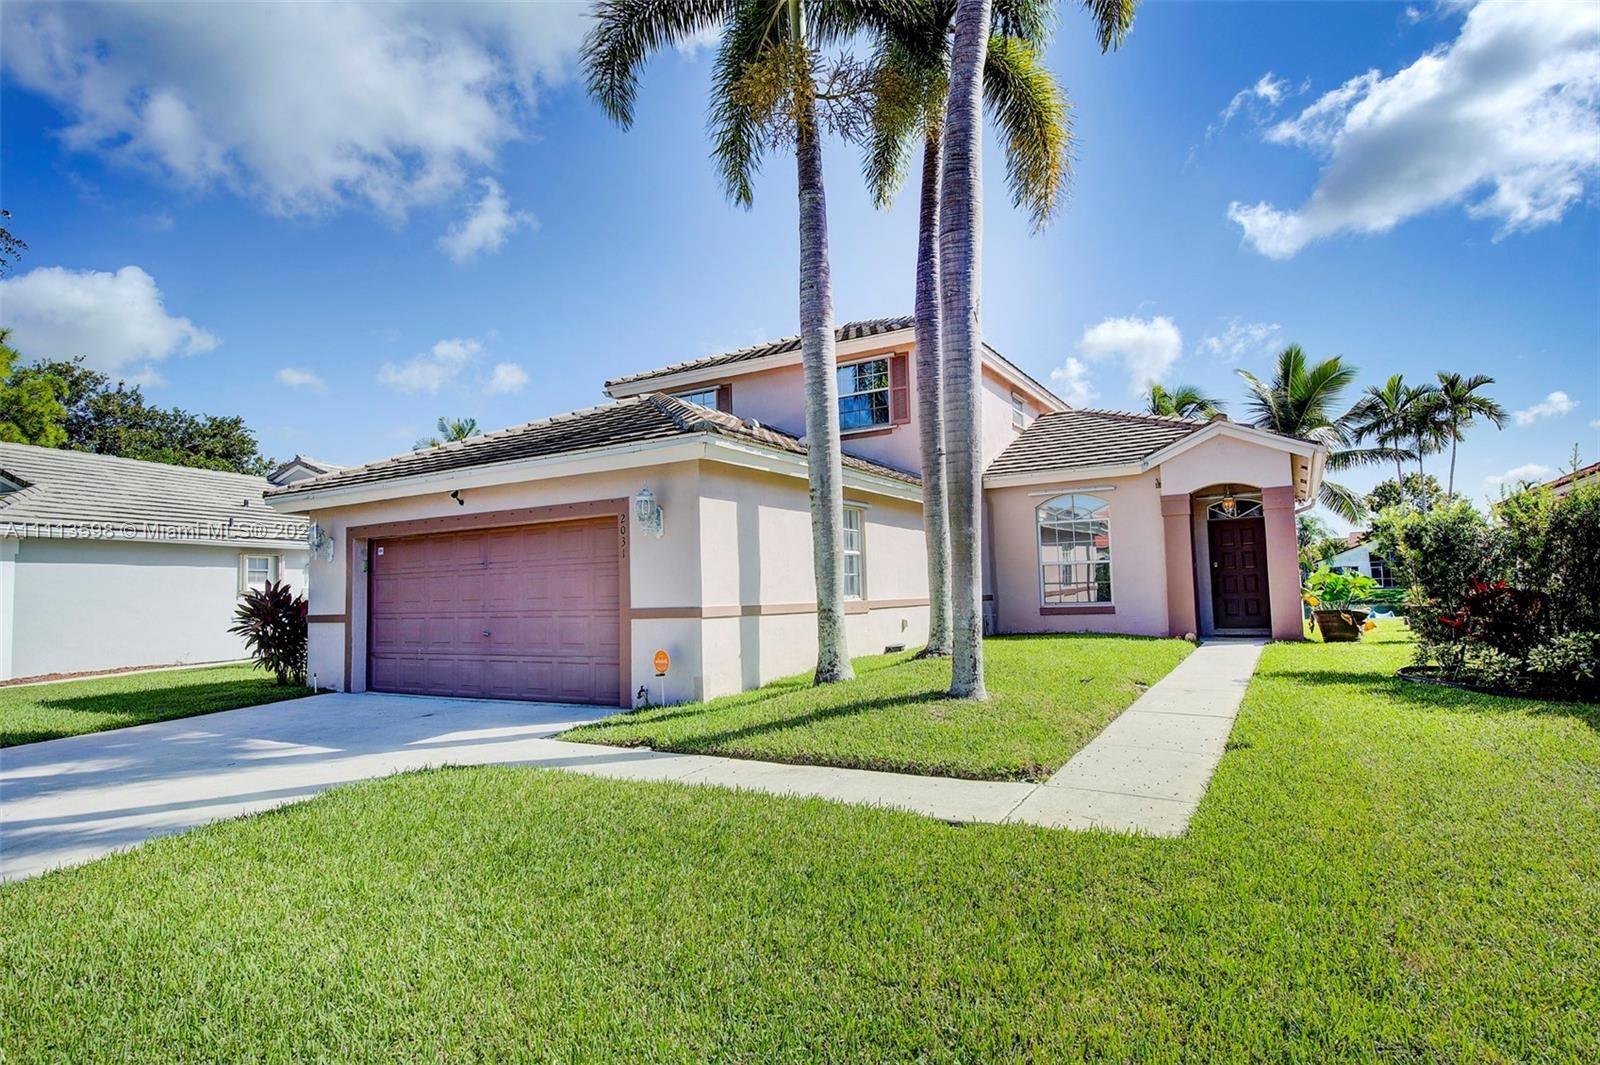 2031 NW 180th Way, Pembroke Pines, FL 33029 - #: A11113598